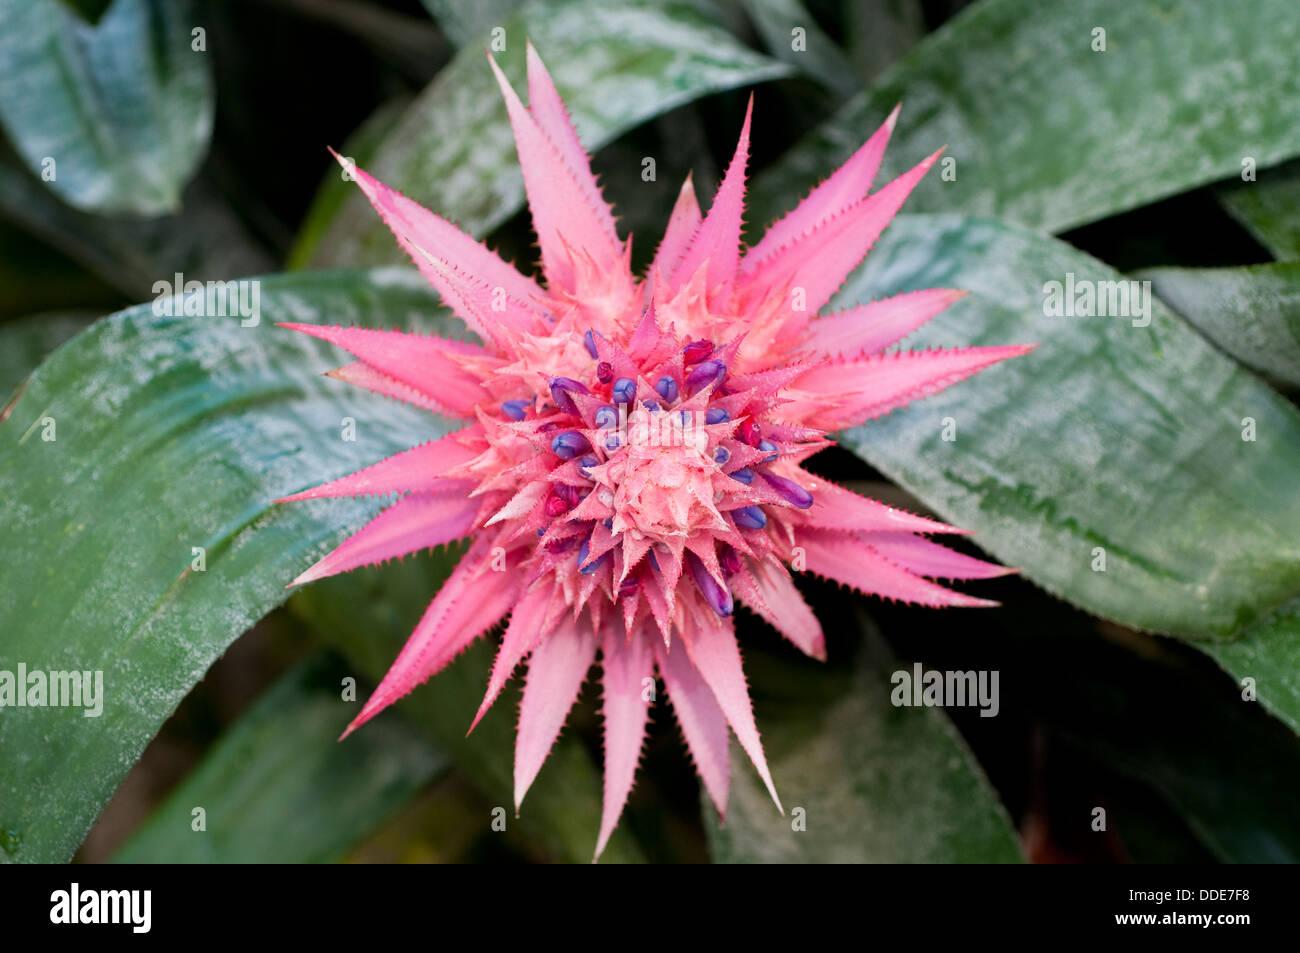 Pink Bromeliad Flower Stock Photo 59934876 Alamy